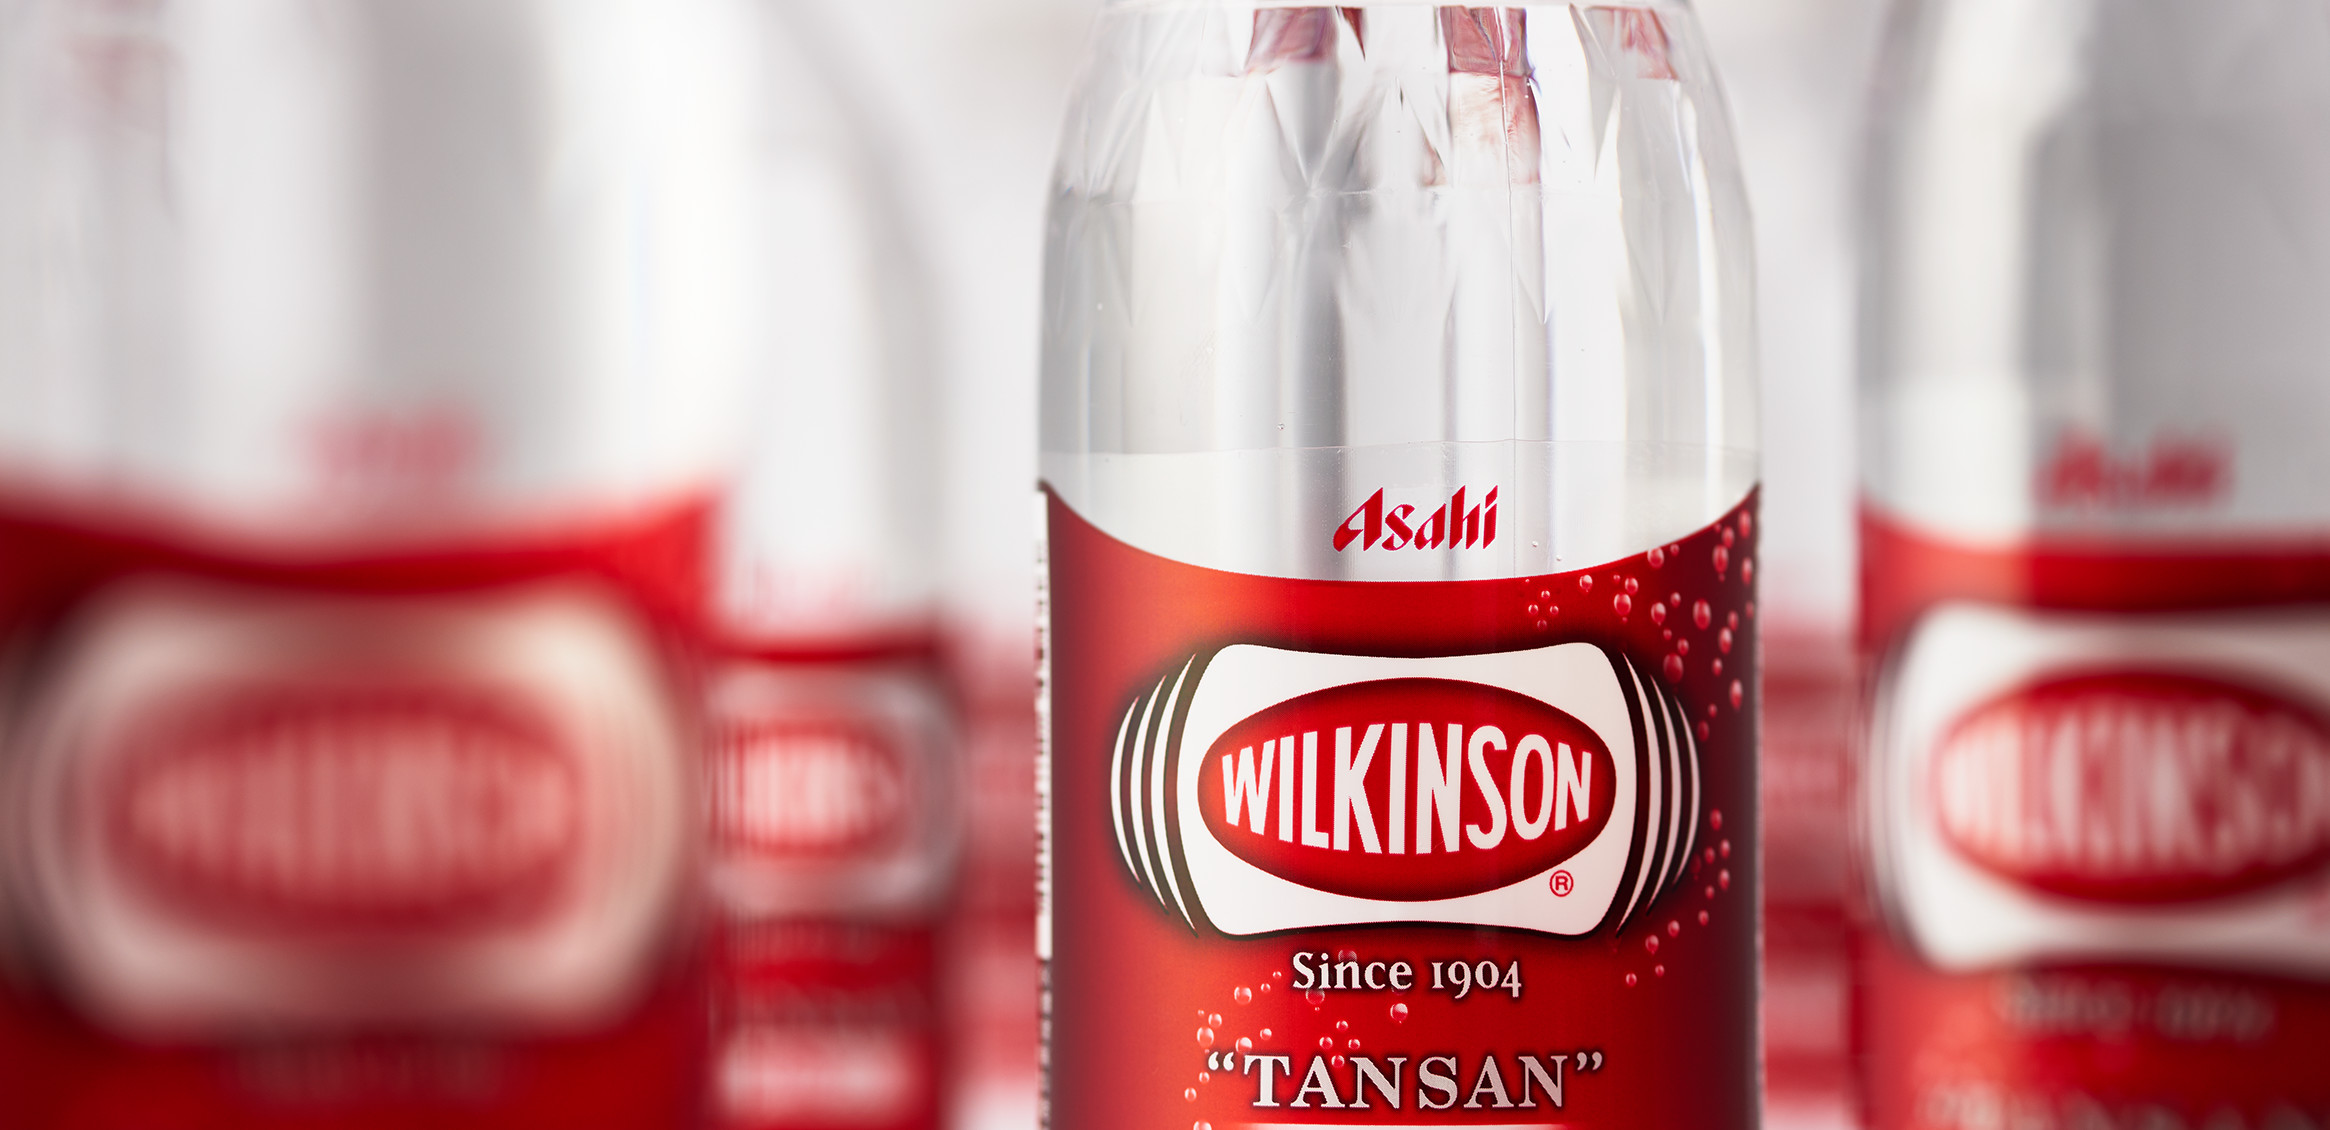 Wilkinson Soda Water / Lemon Soda Water2枚目